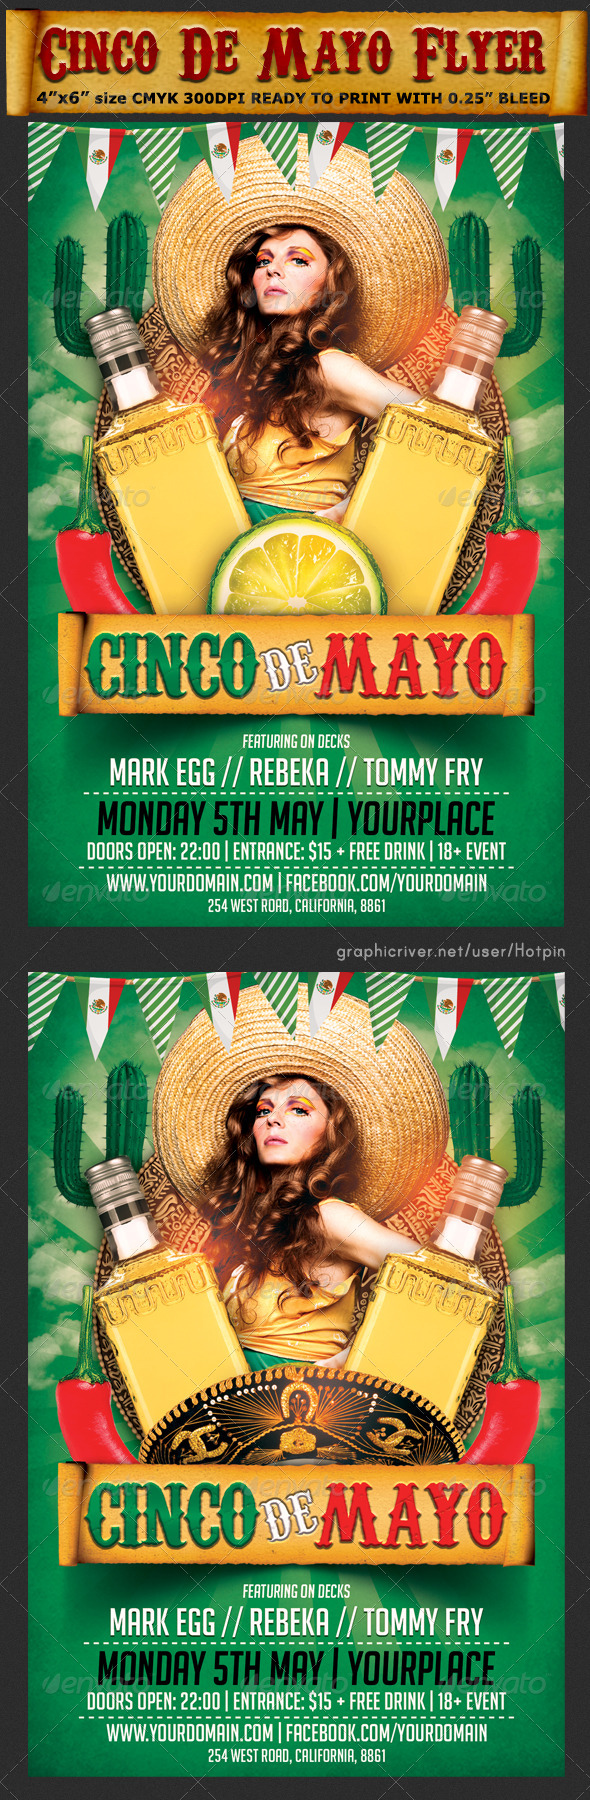 GraphicRiver Cinco De Mayo Flyer Template V2 7440292